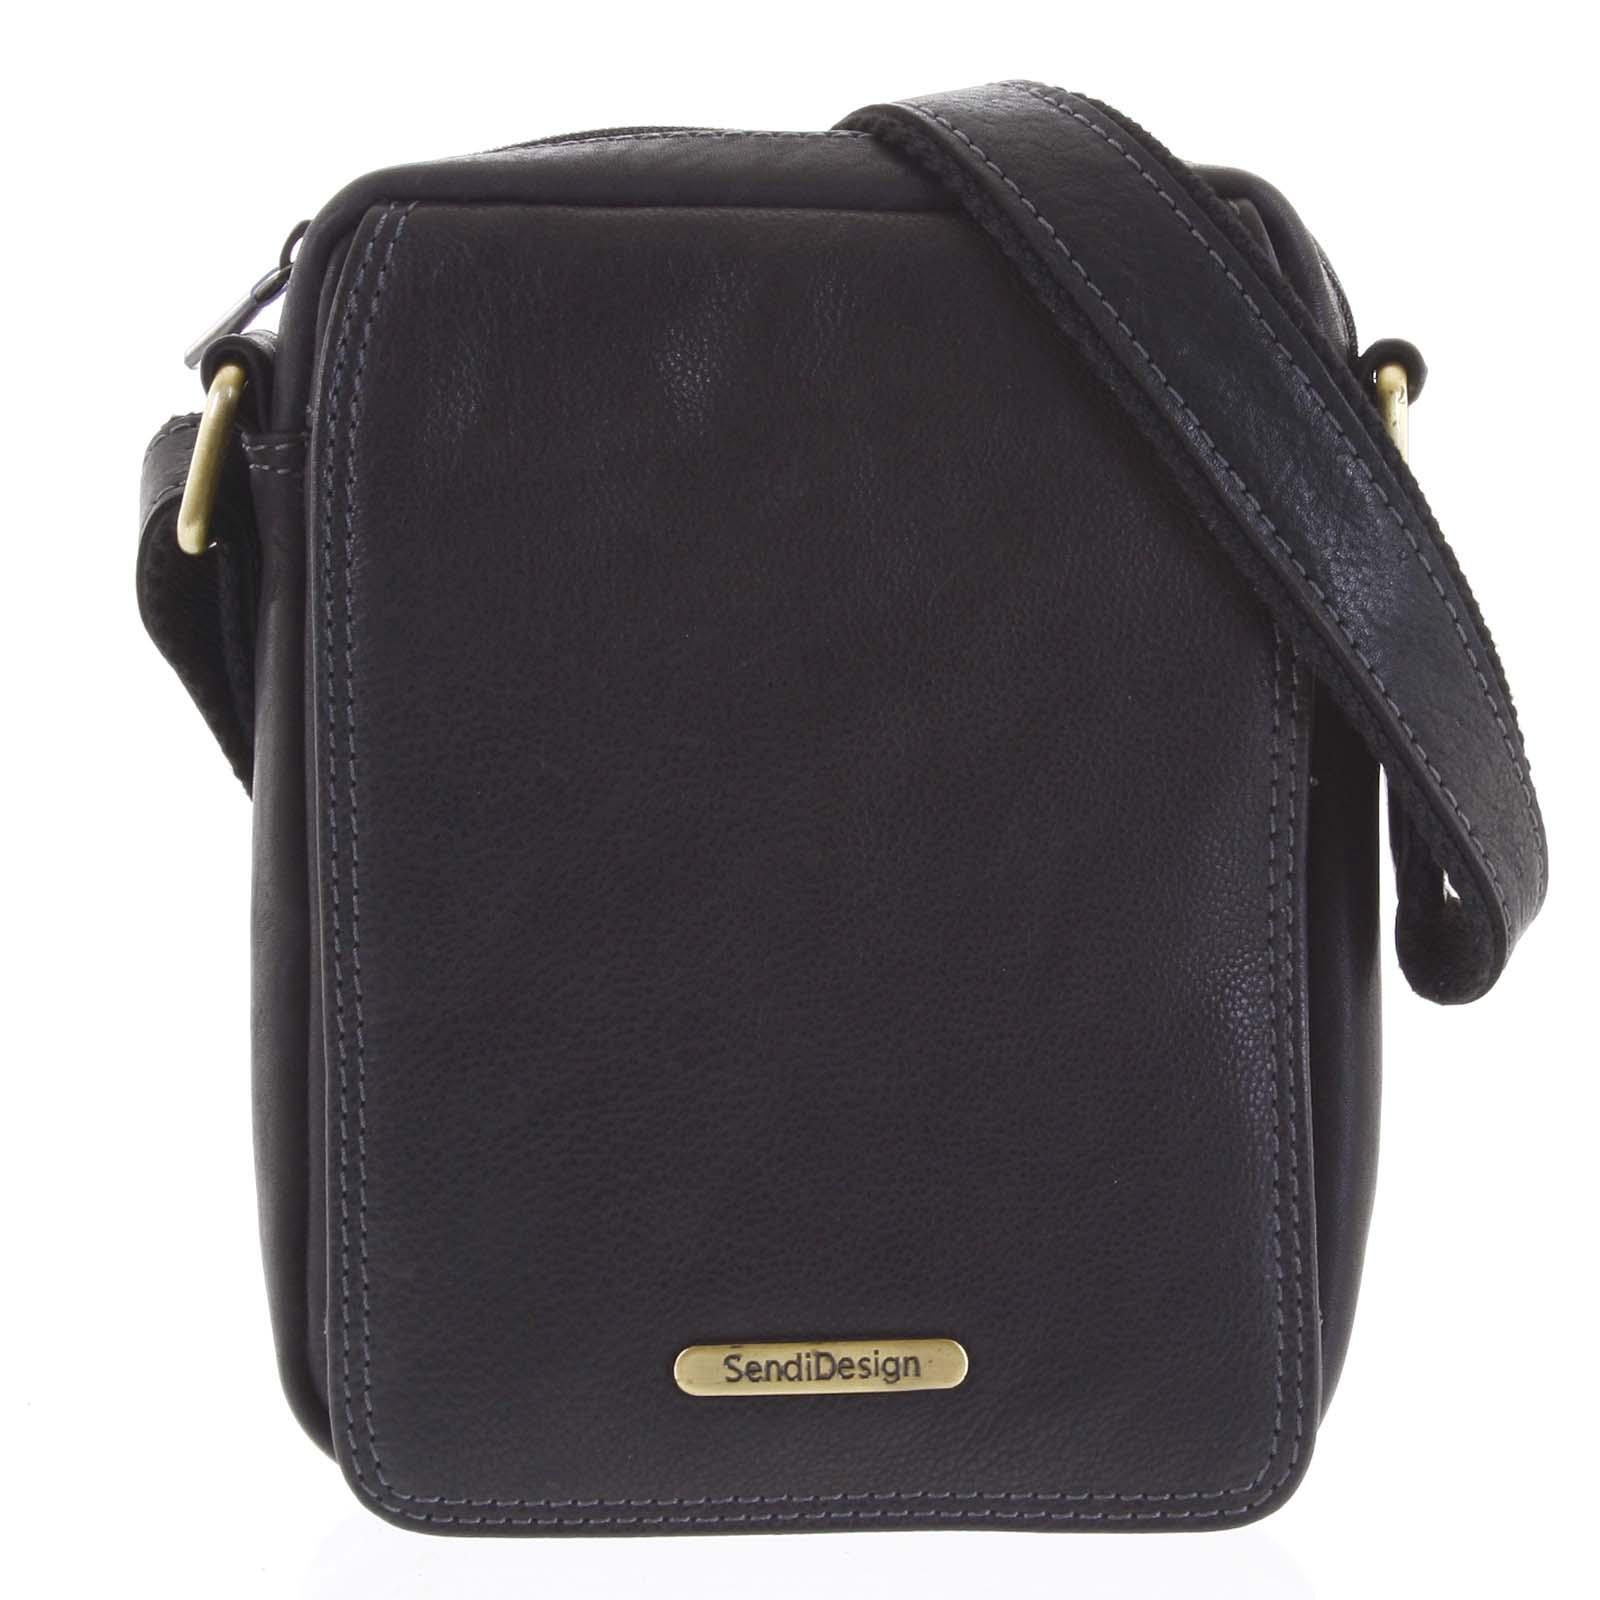 Pánská kožená taška na doklady přes rameno černá - SendiDesign Dumont New